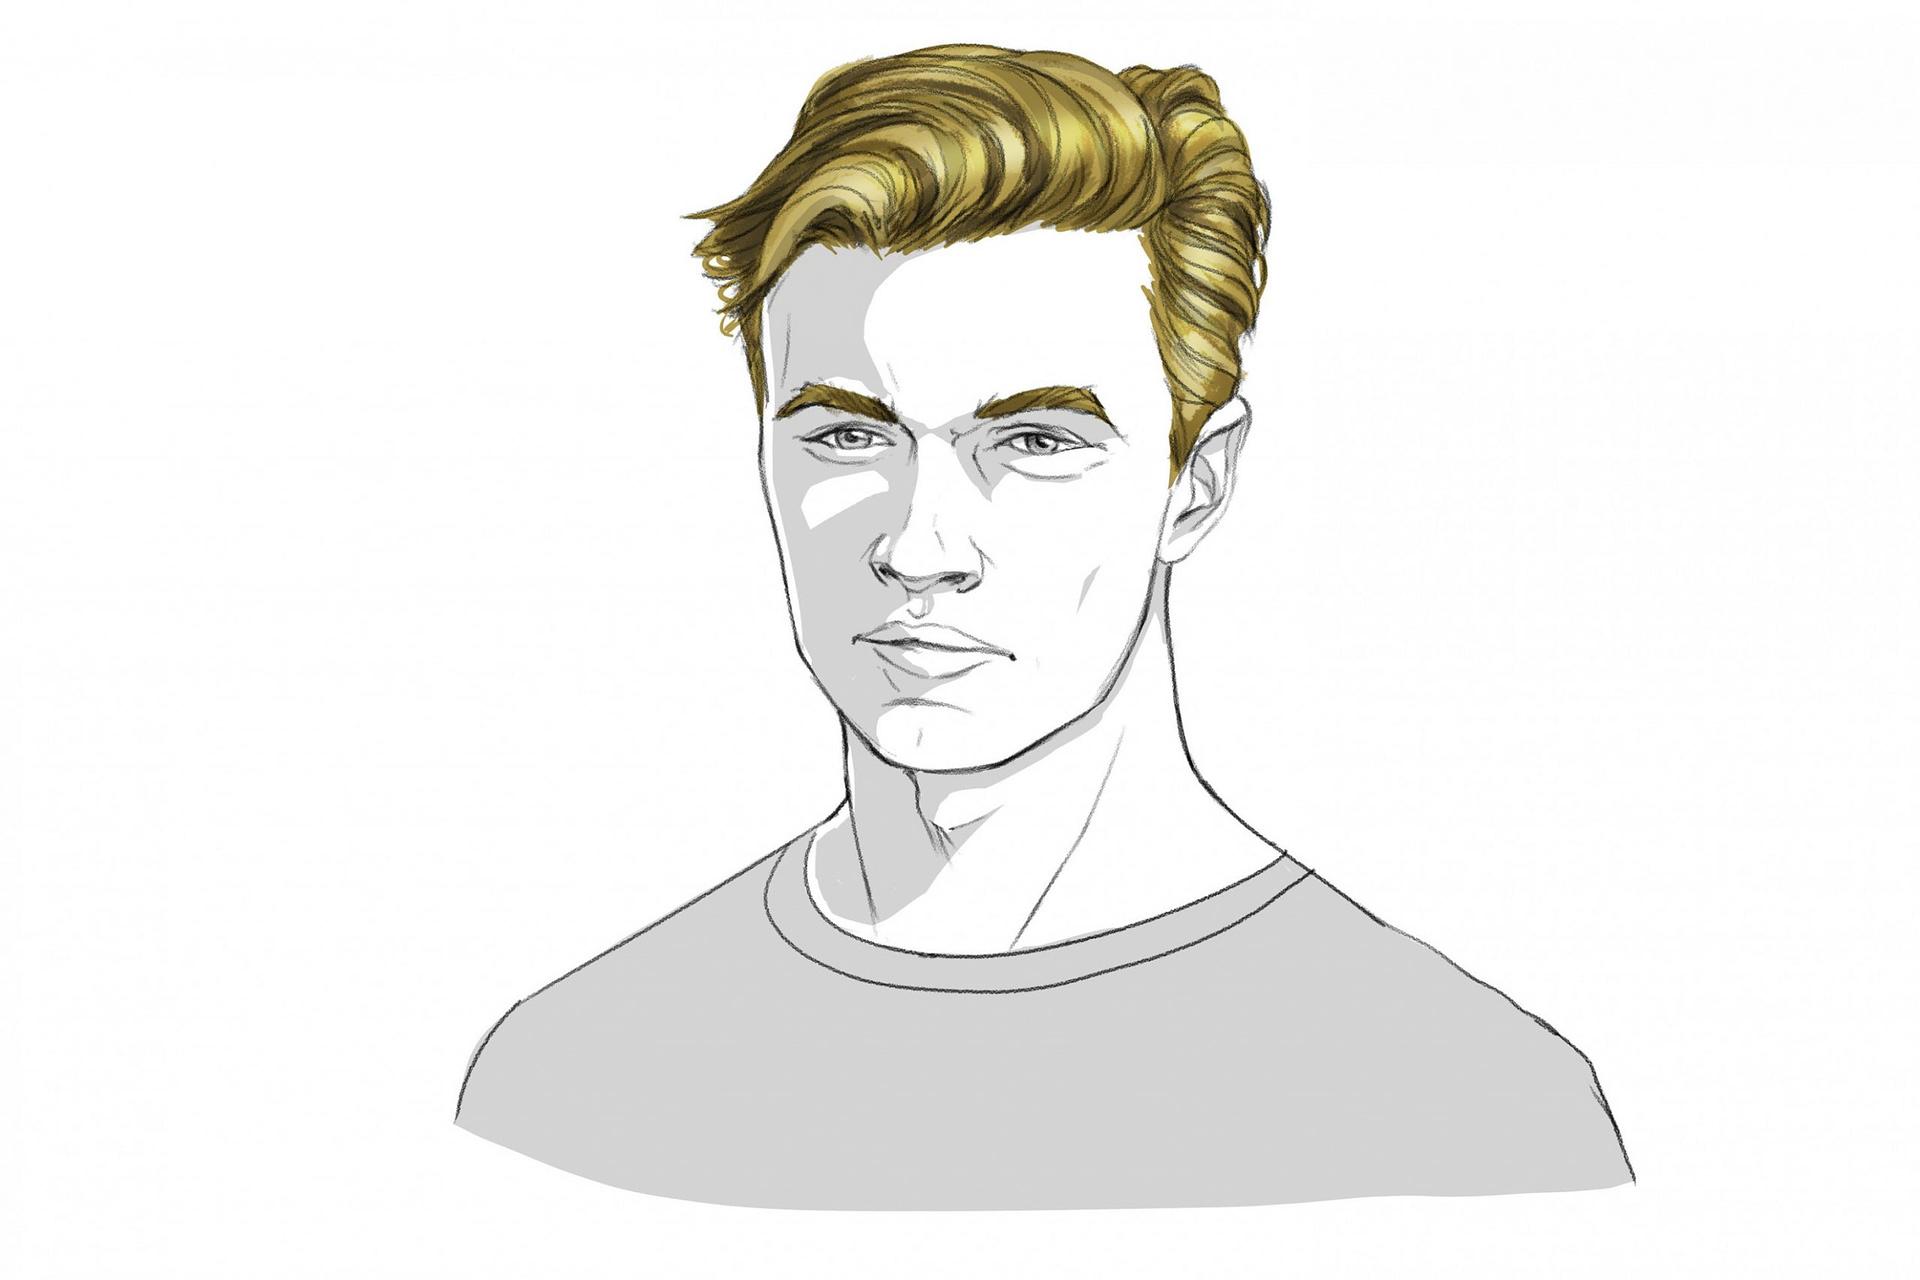 neu Zu welcher Gesichtsform passt welche Frisur am besten  GQ Germany - frisuren männer schmales gesicht